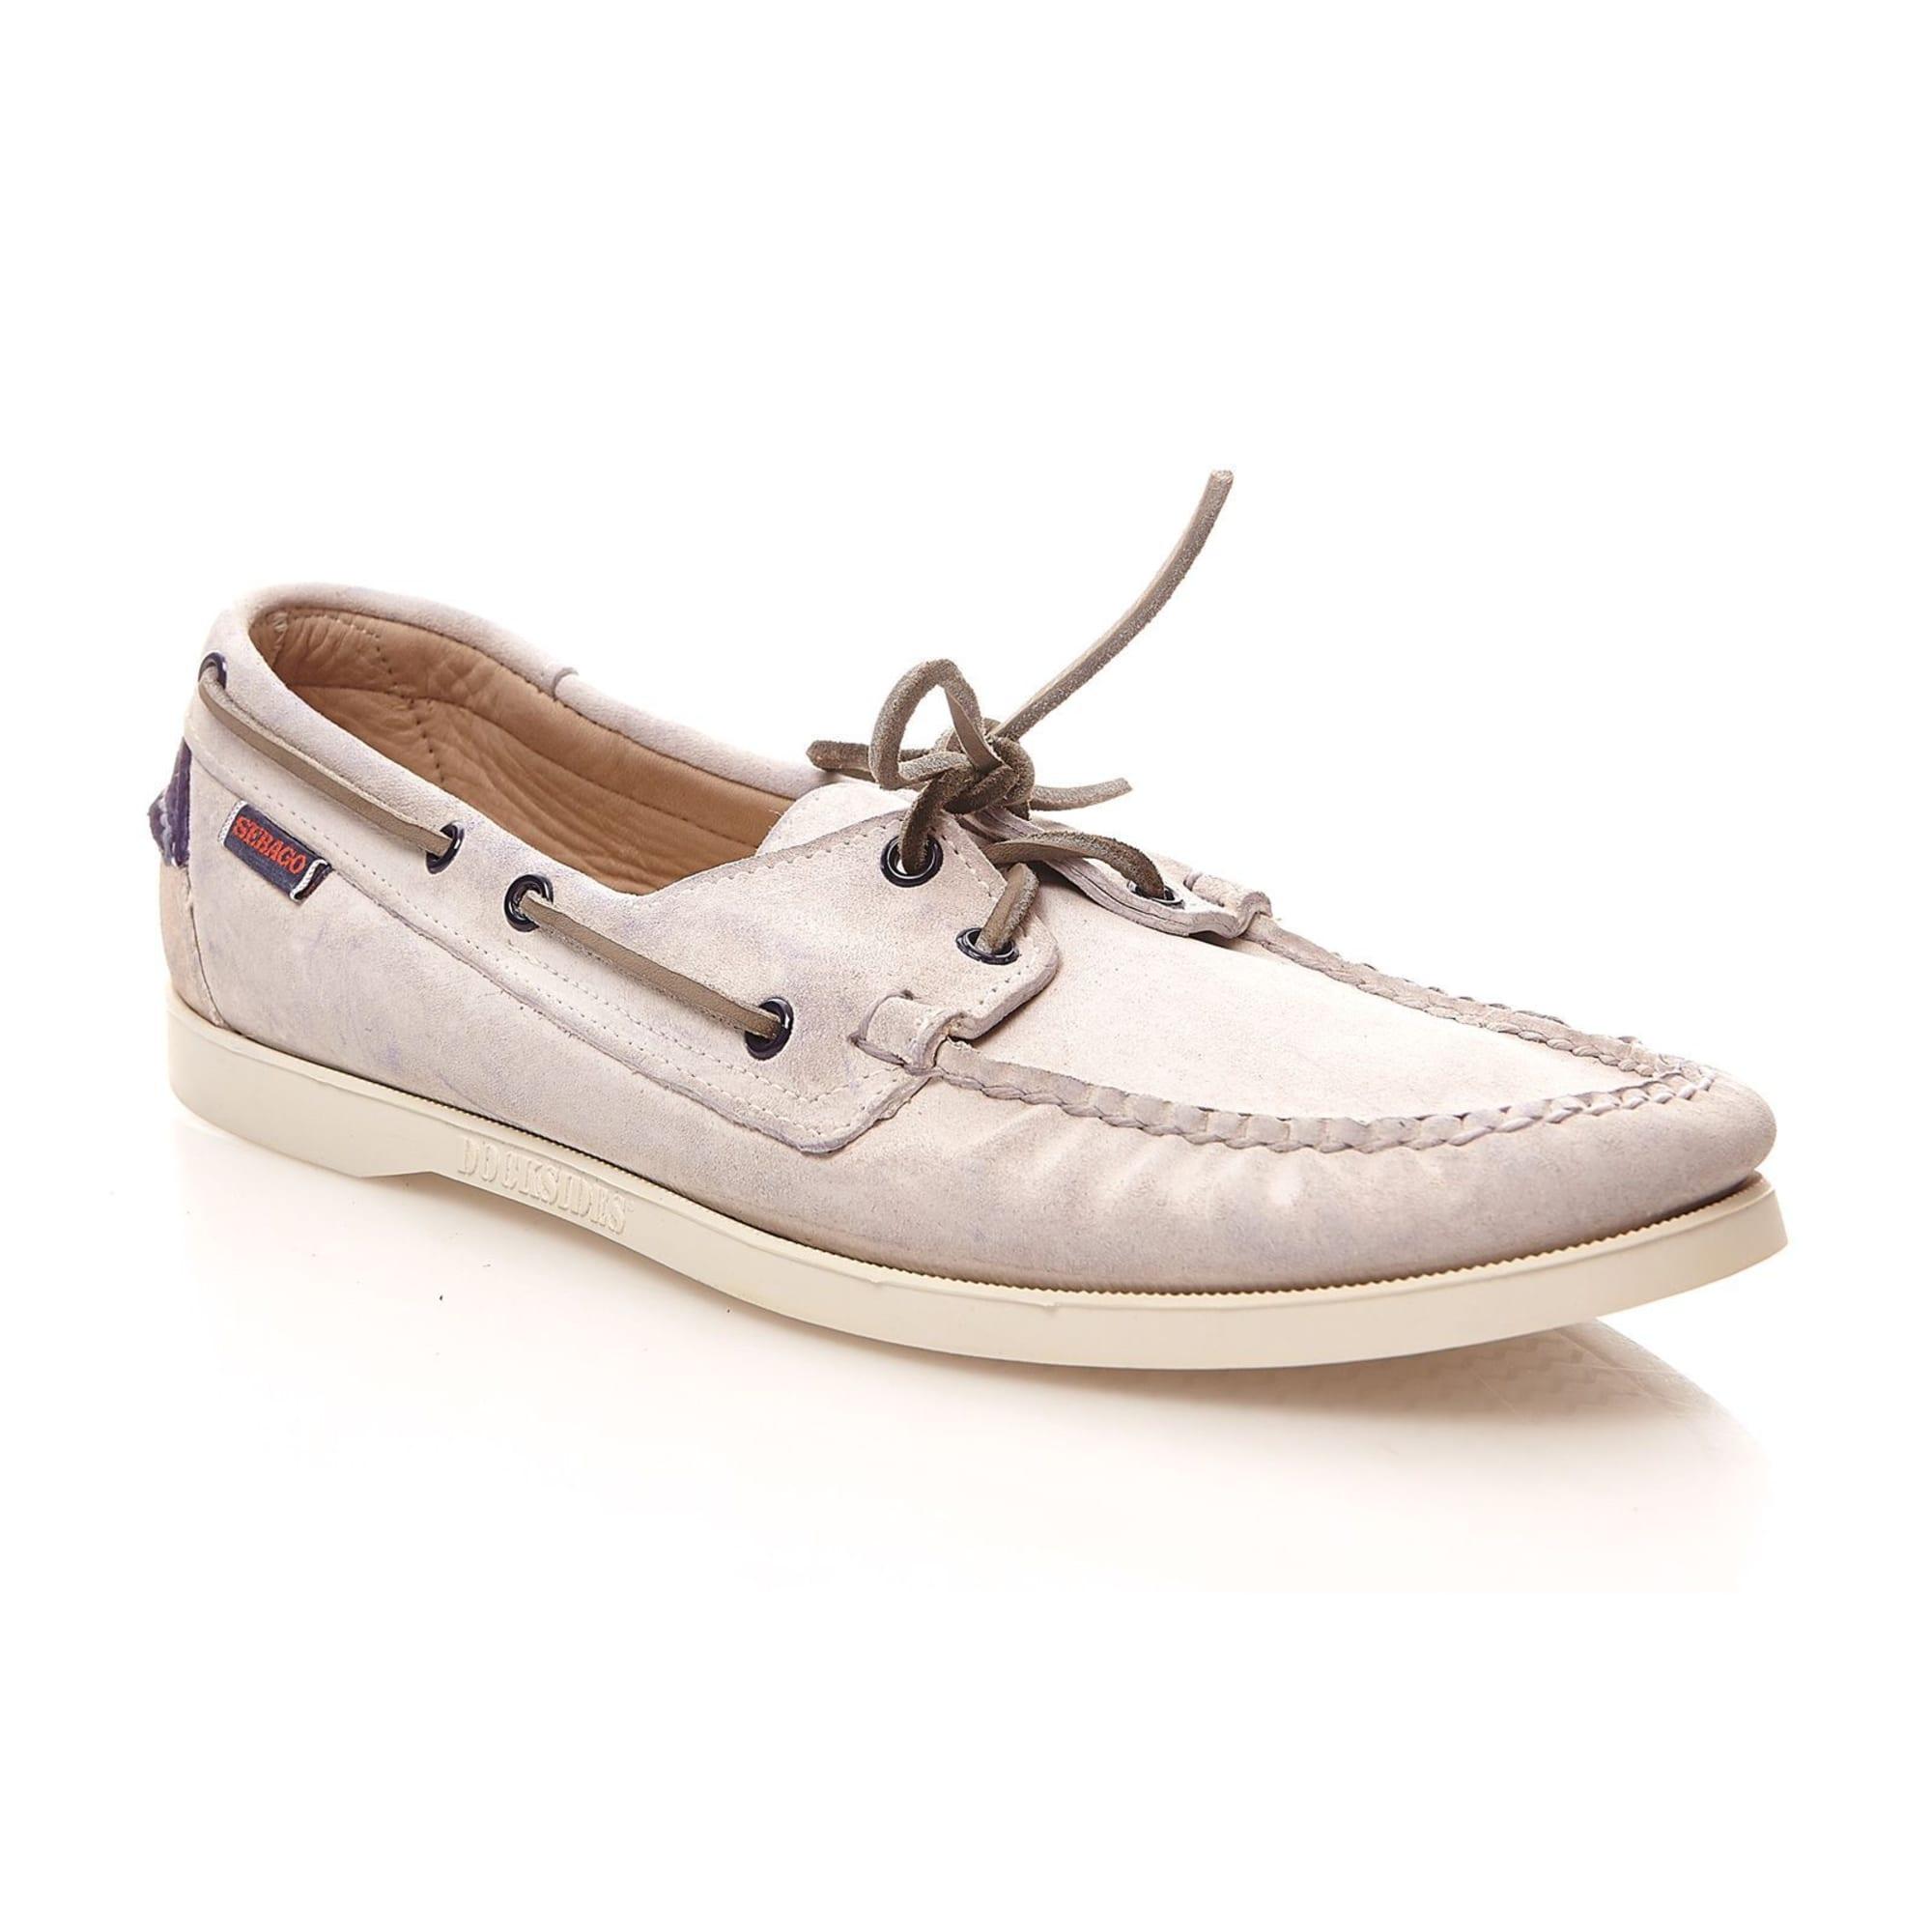 5721038 Blanc À 46 Sebago Chaussures Lacets q1wx8X